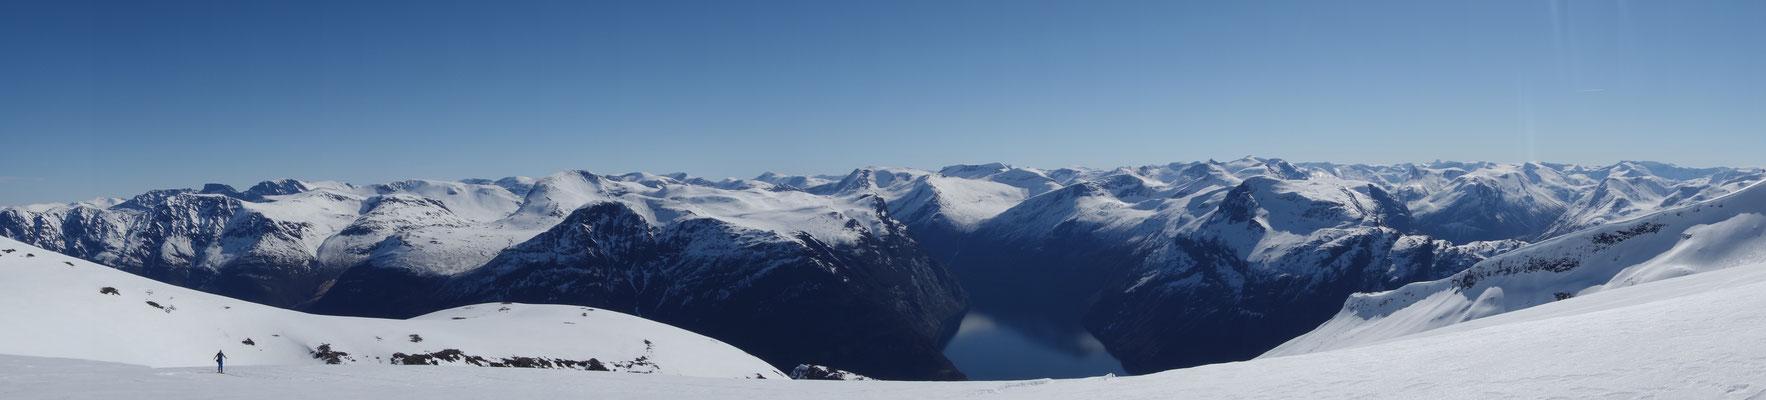 Am Gipfel des Kvittegas mit Tiefblick auf den Geirangerfjord.